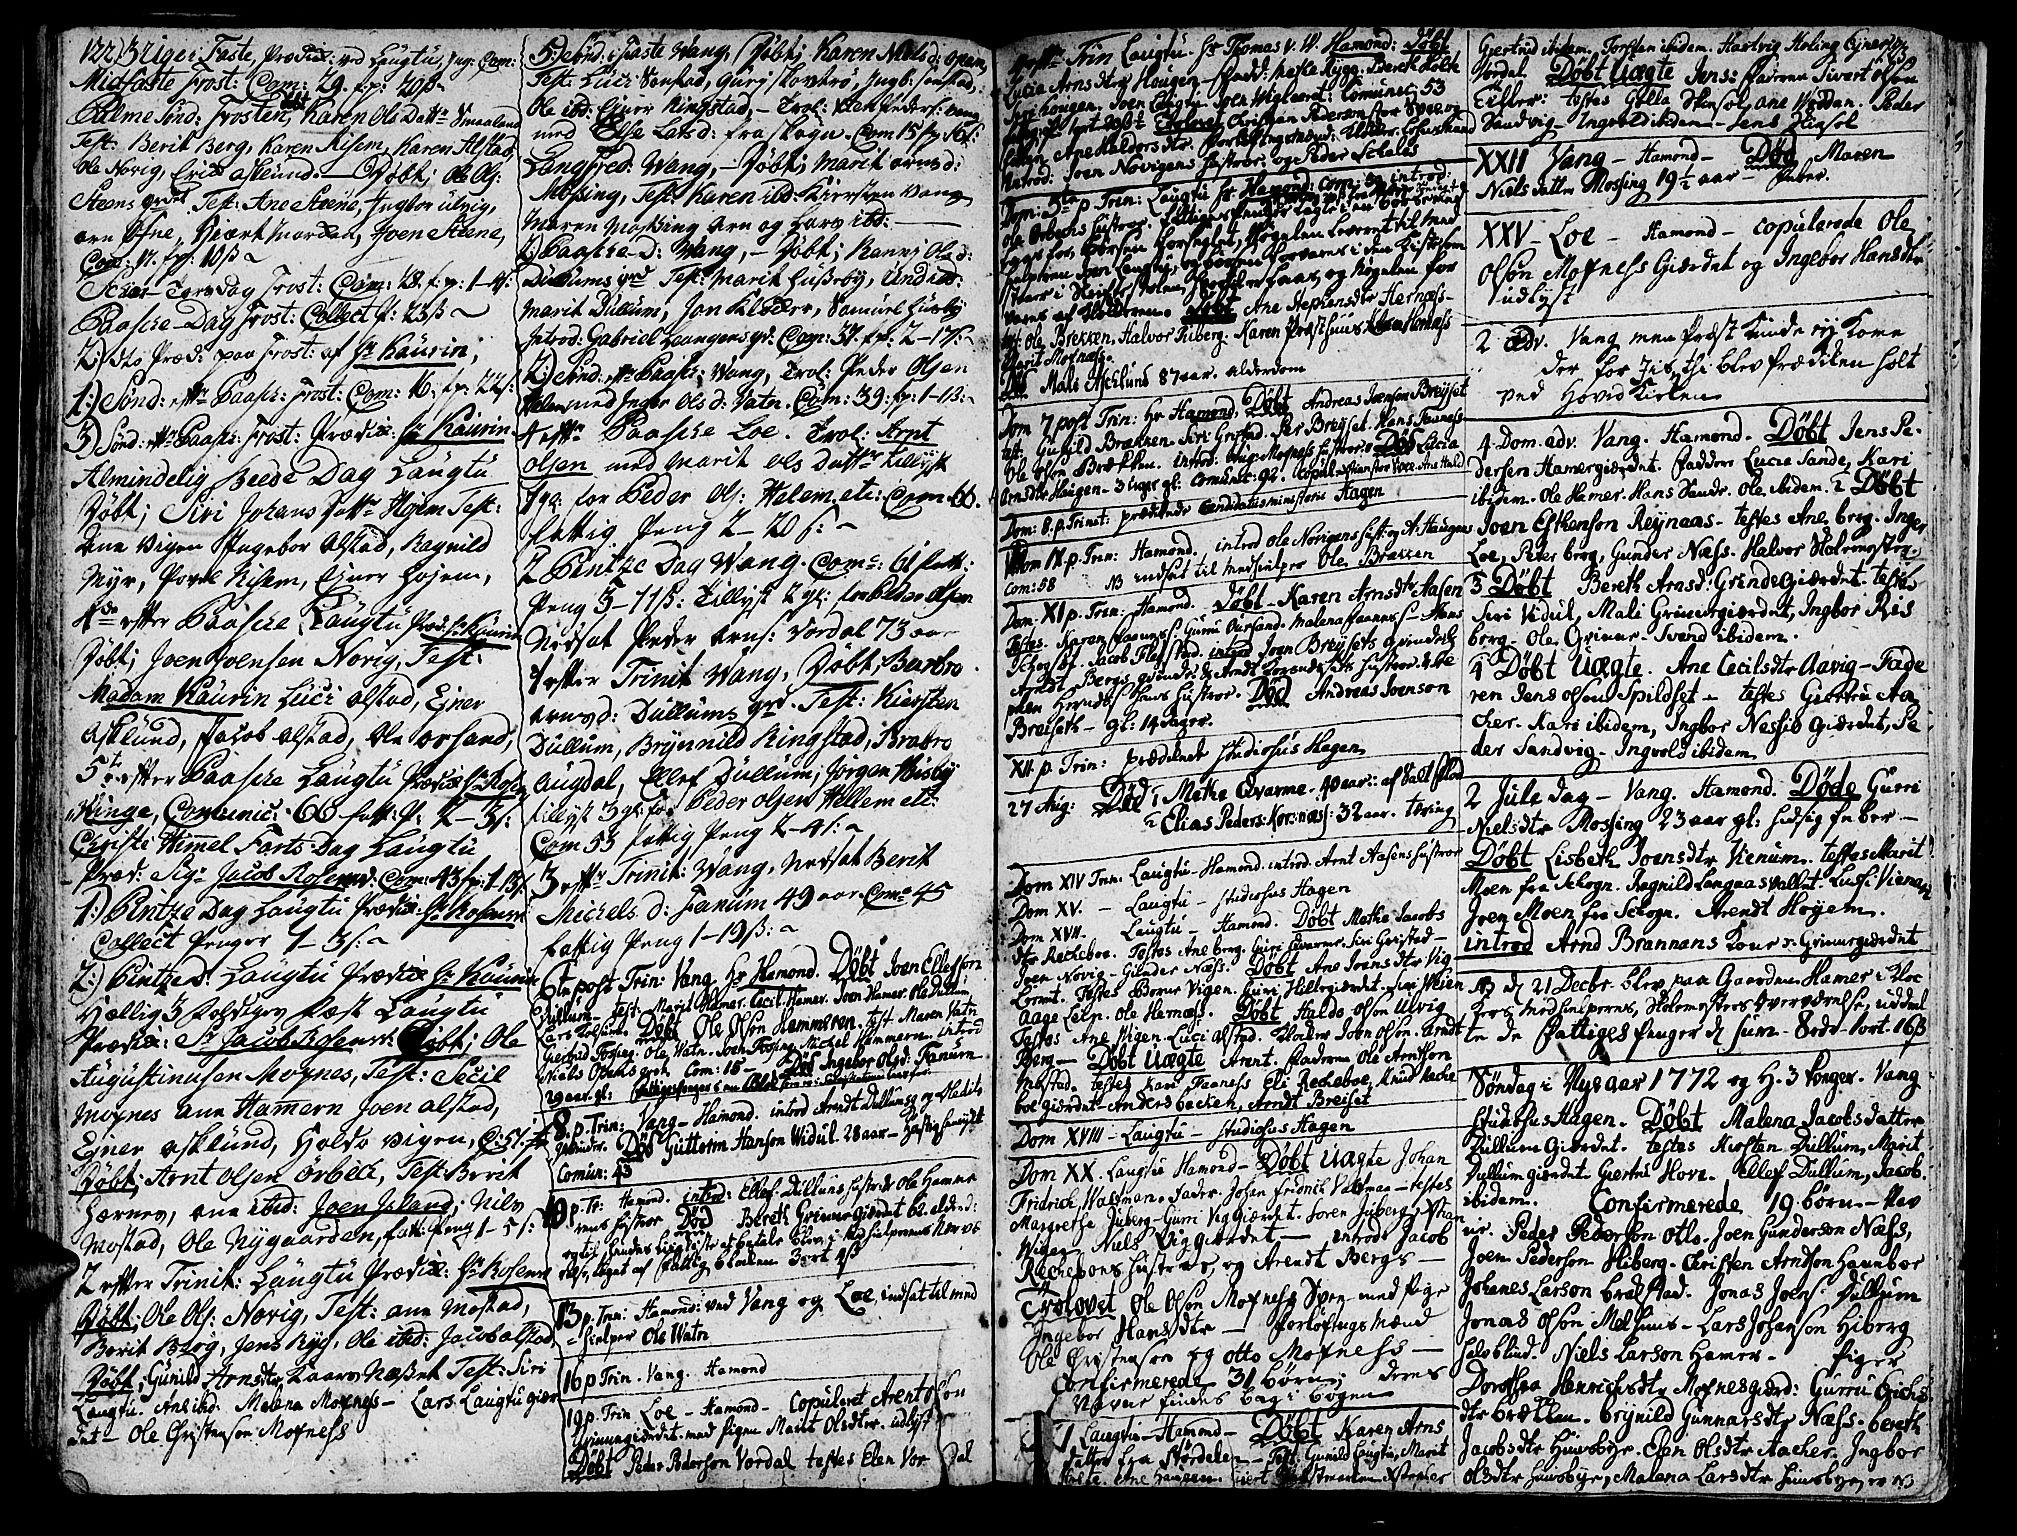 SAT, Ministerialprotokoller, klokkerbøker og fødselsregistre - Nord-Trøndelag, 713/L0109: Ministerialbok nr. 713A01, 1750-1778, s. 122-123